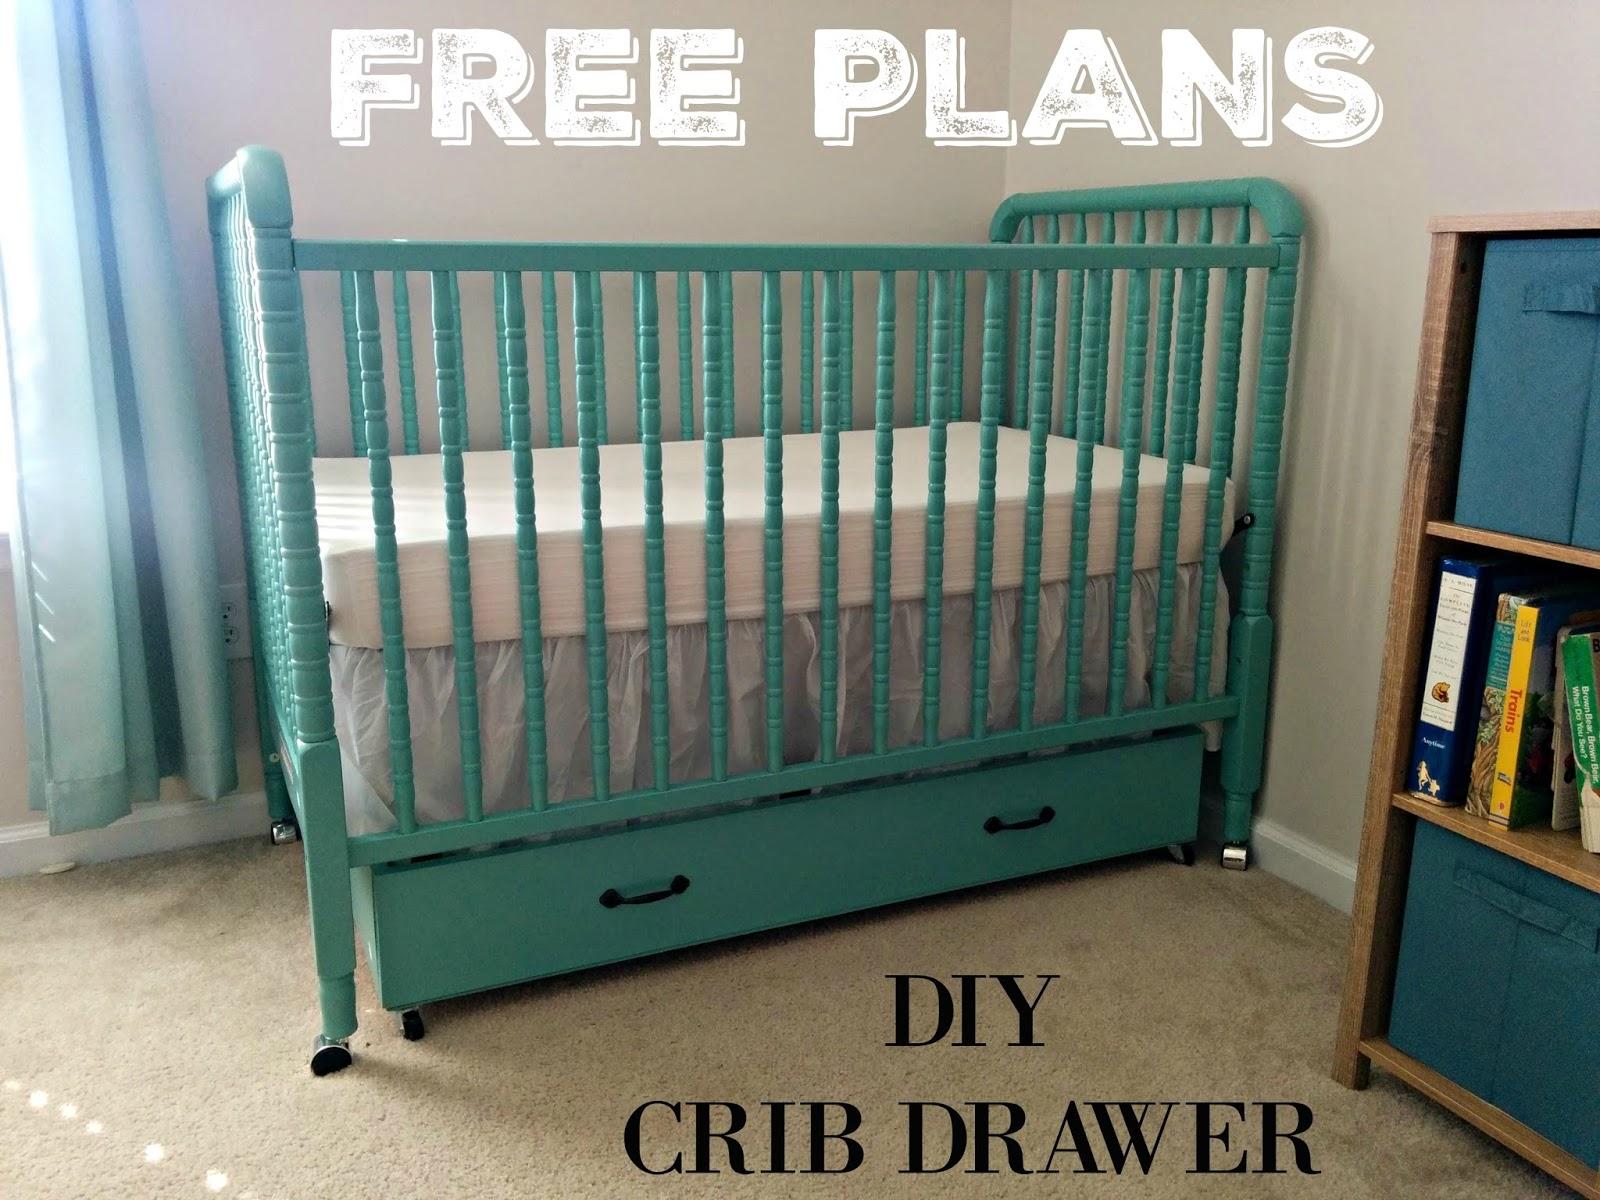 DIY Crib Drawer {FREE PLANS}